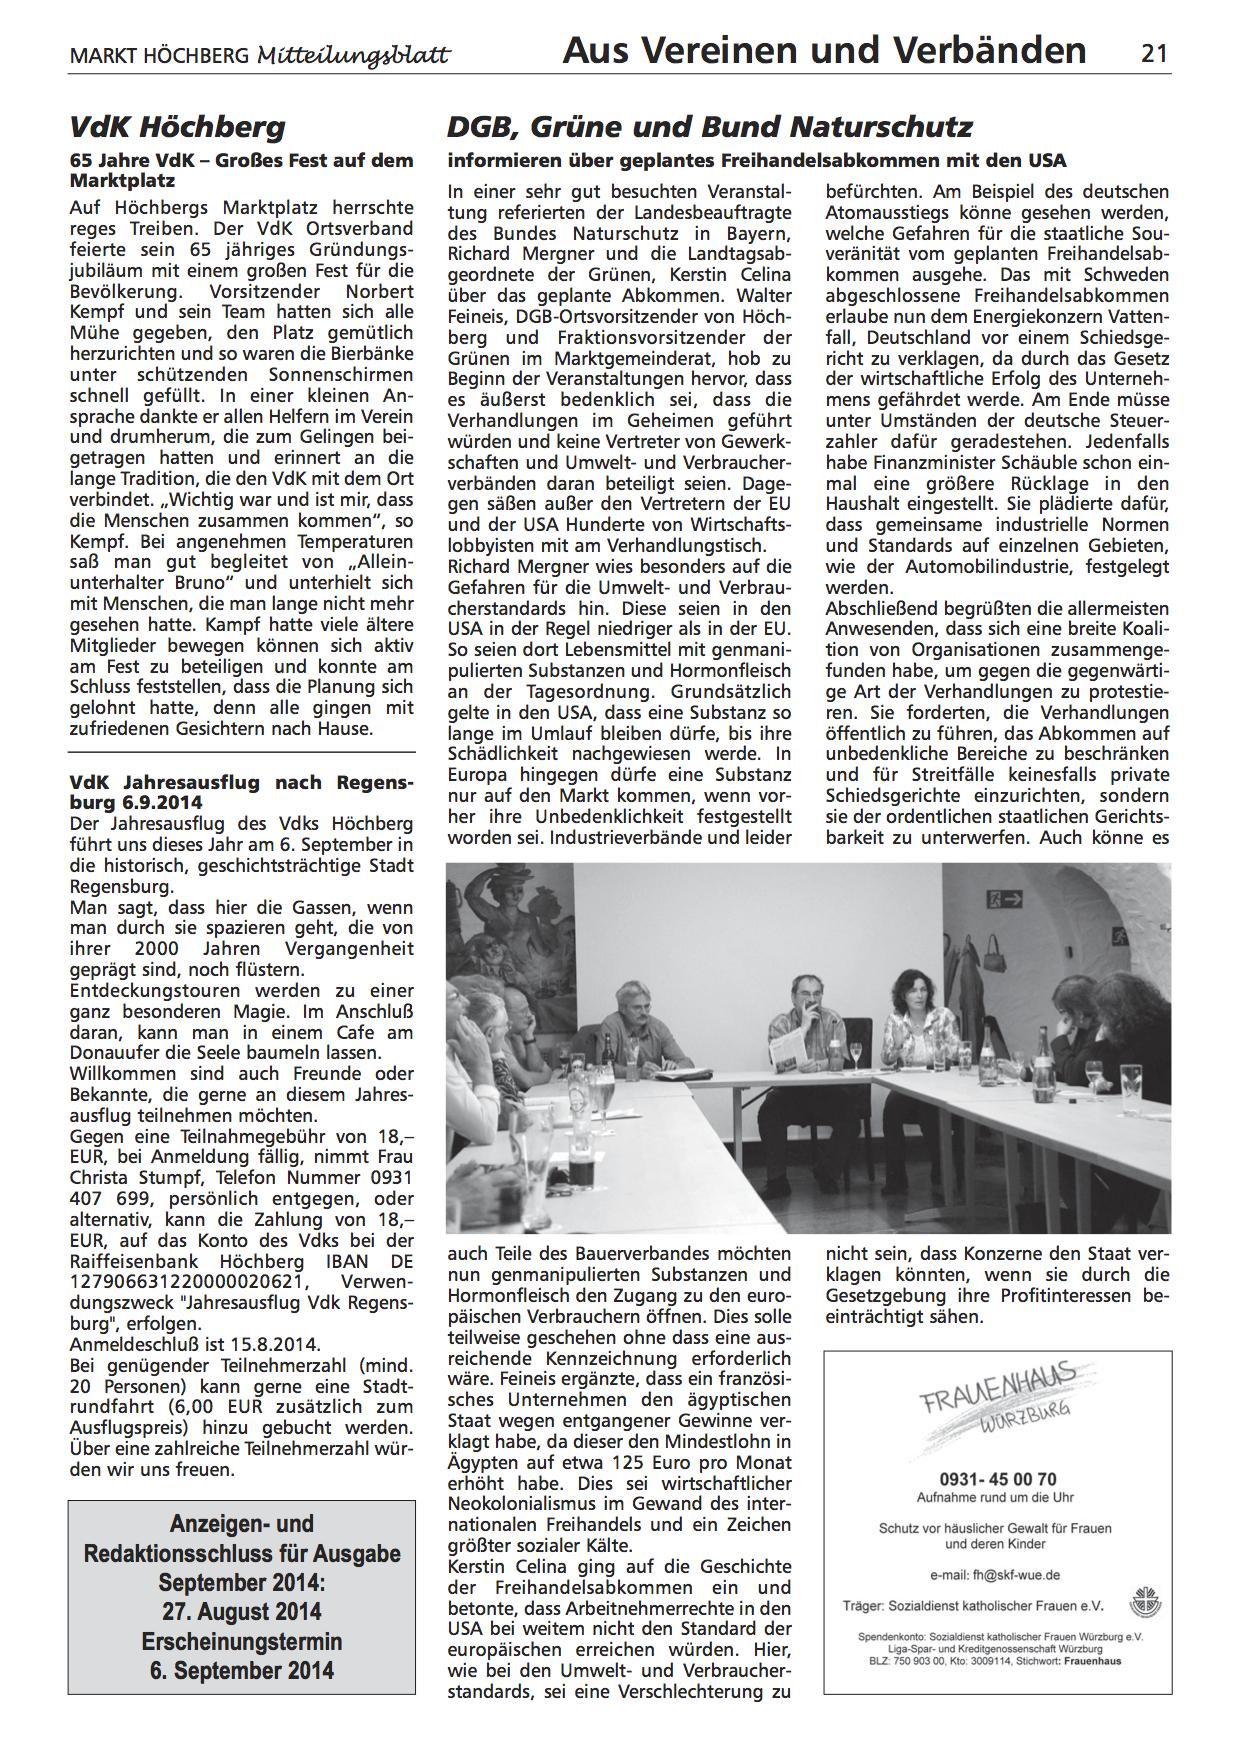 Artikel im Höchberger Mitteilungsblatt über die TTIP-Veranstaltung in Höchberg